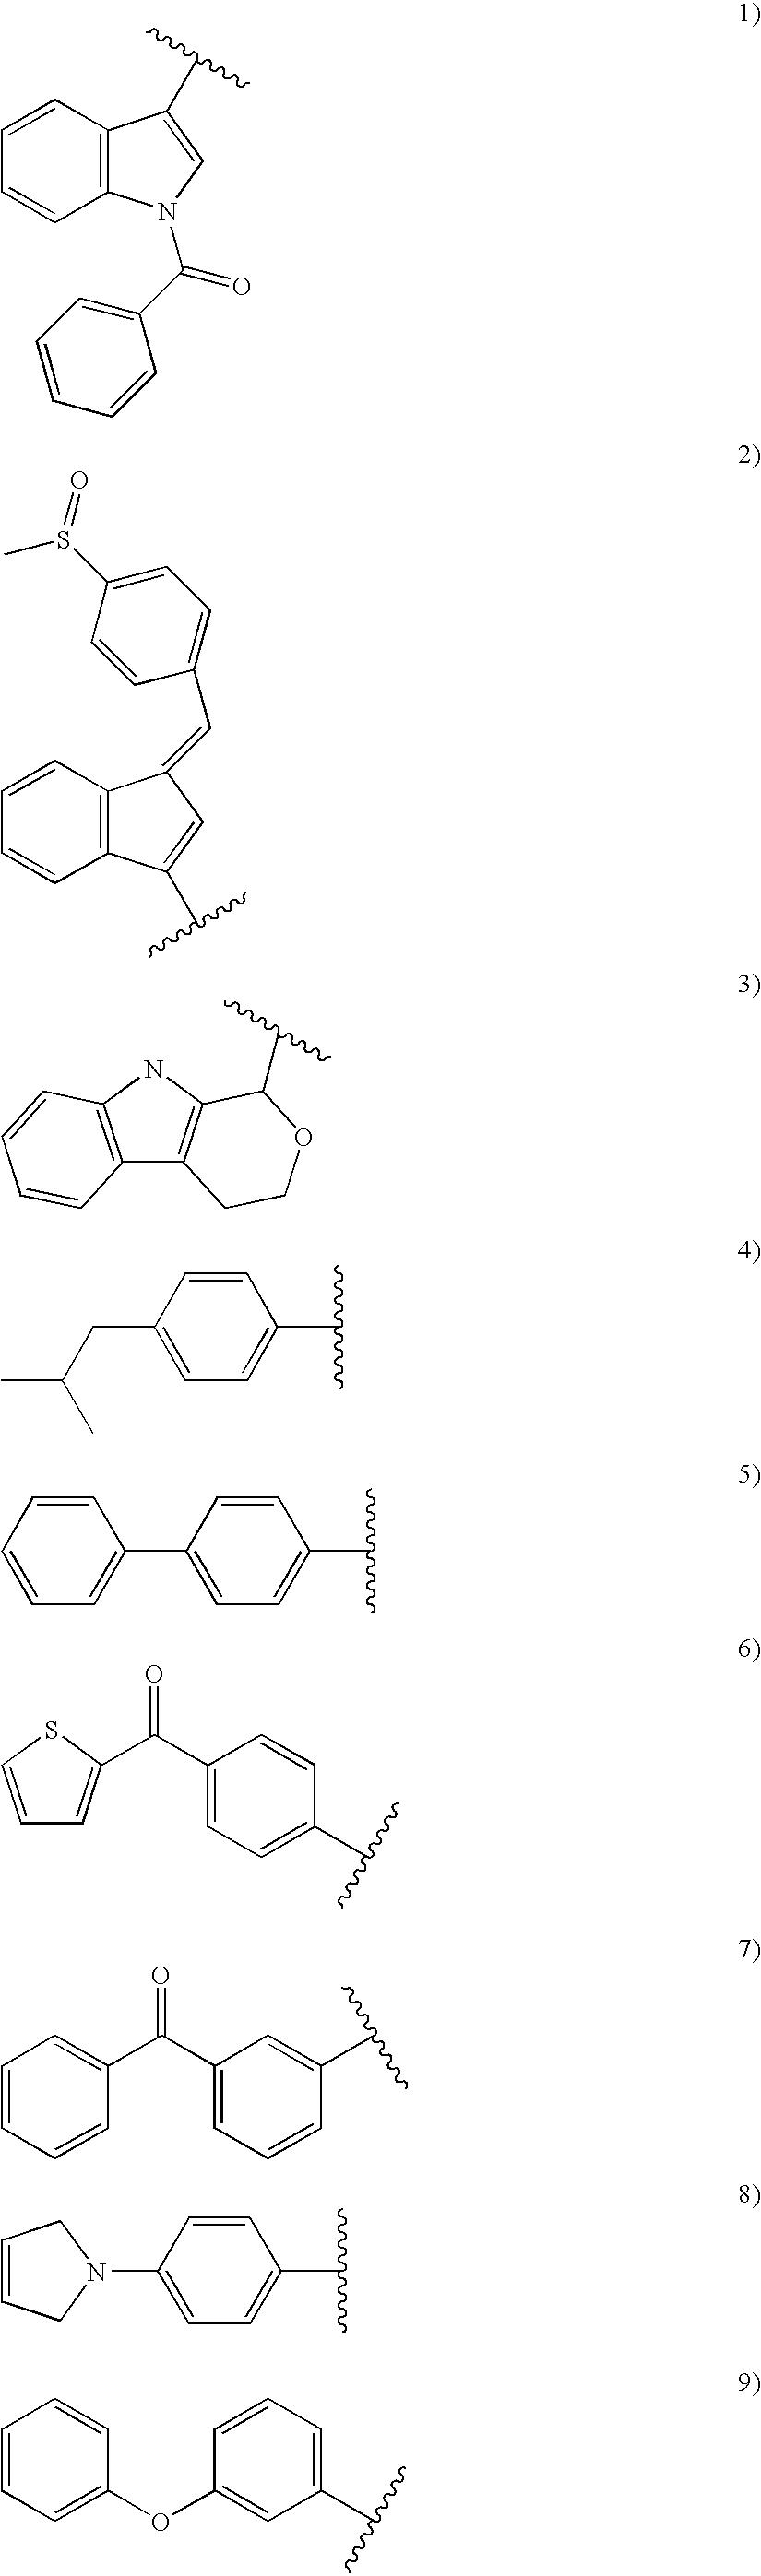 Figure US20050054714A1-20050310-C00004